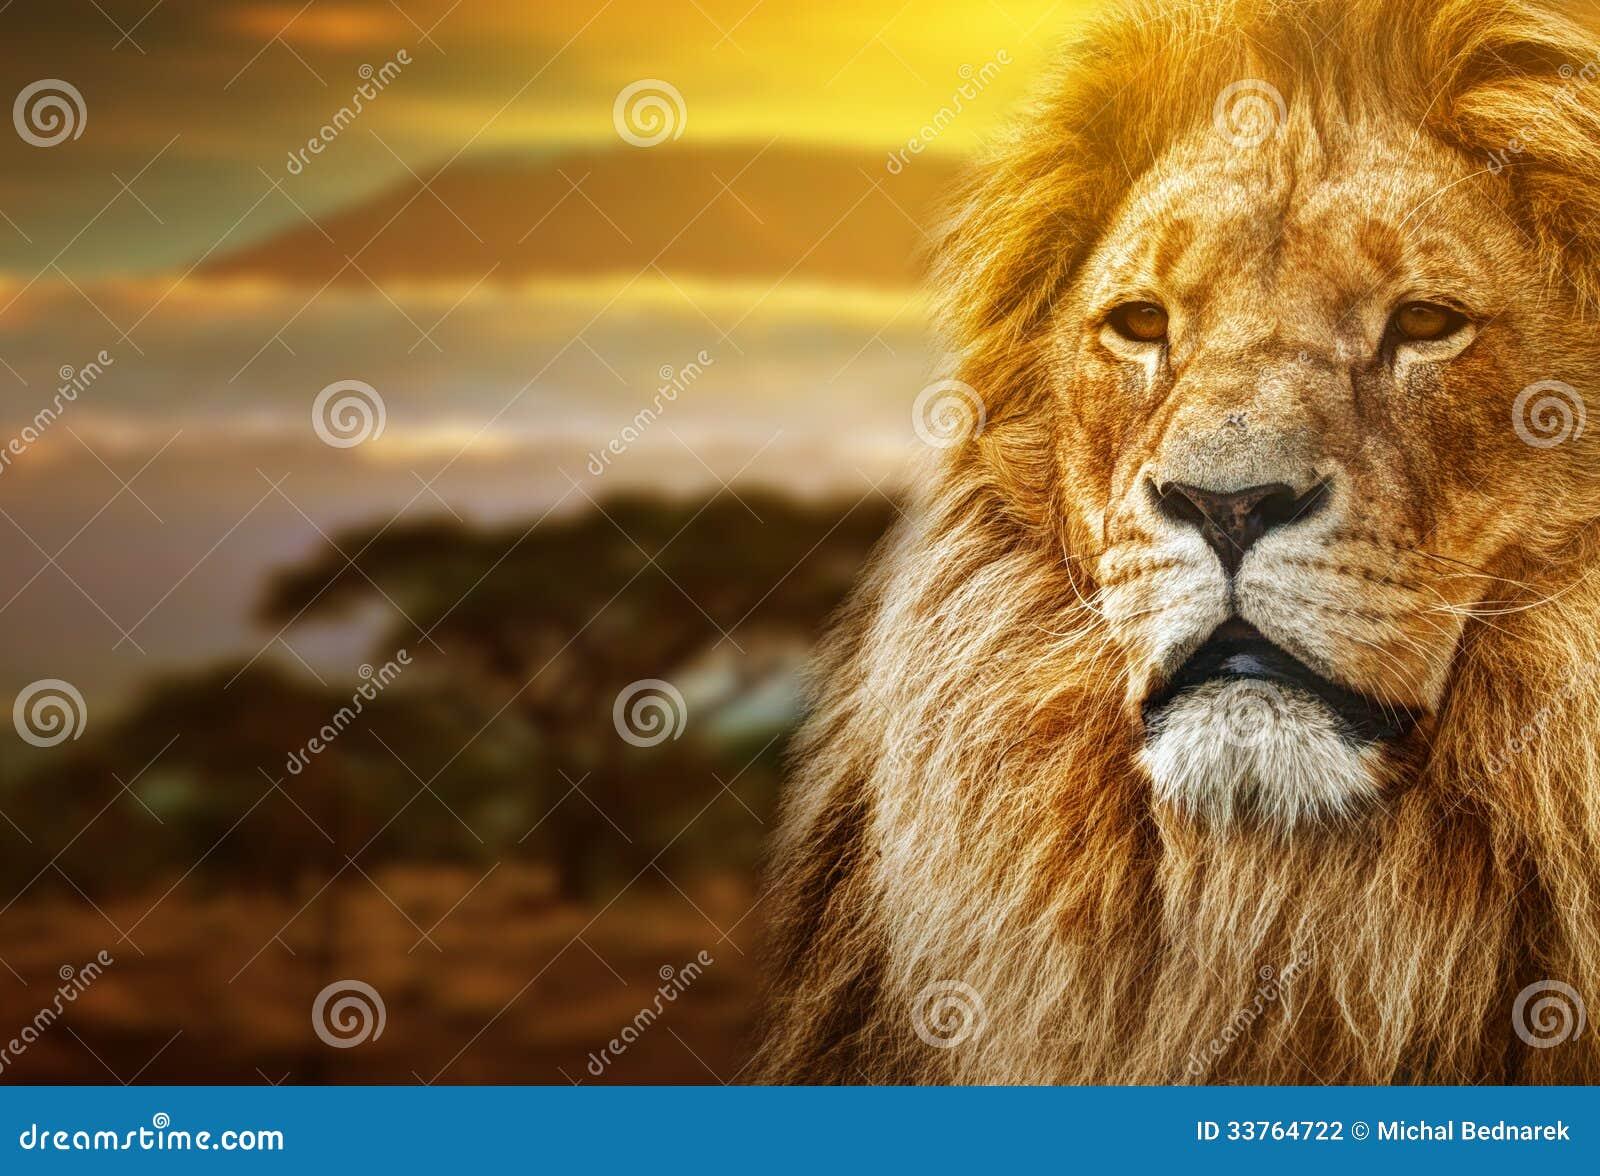 Lion portrait on savanna landscape